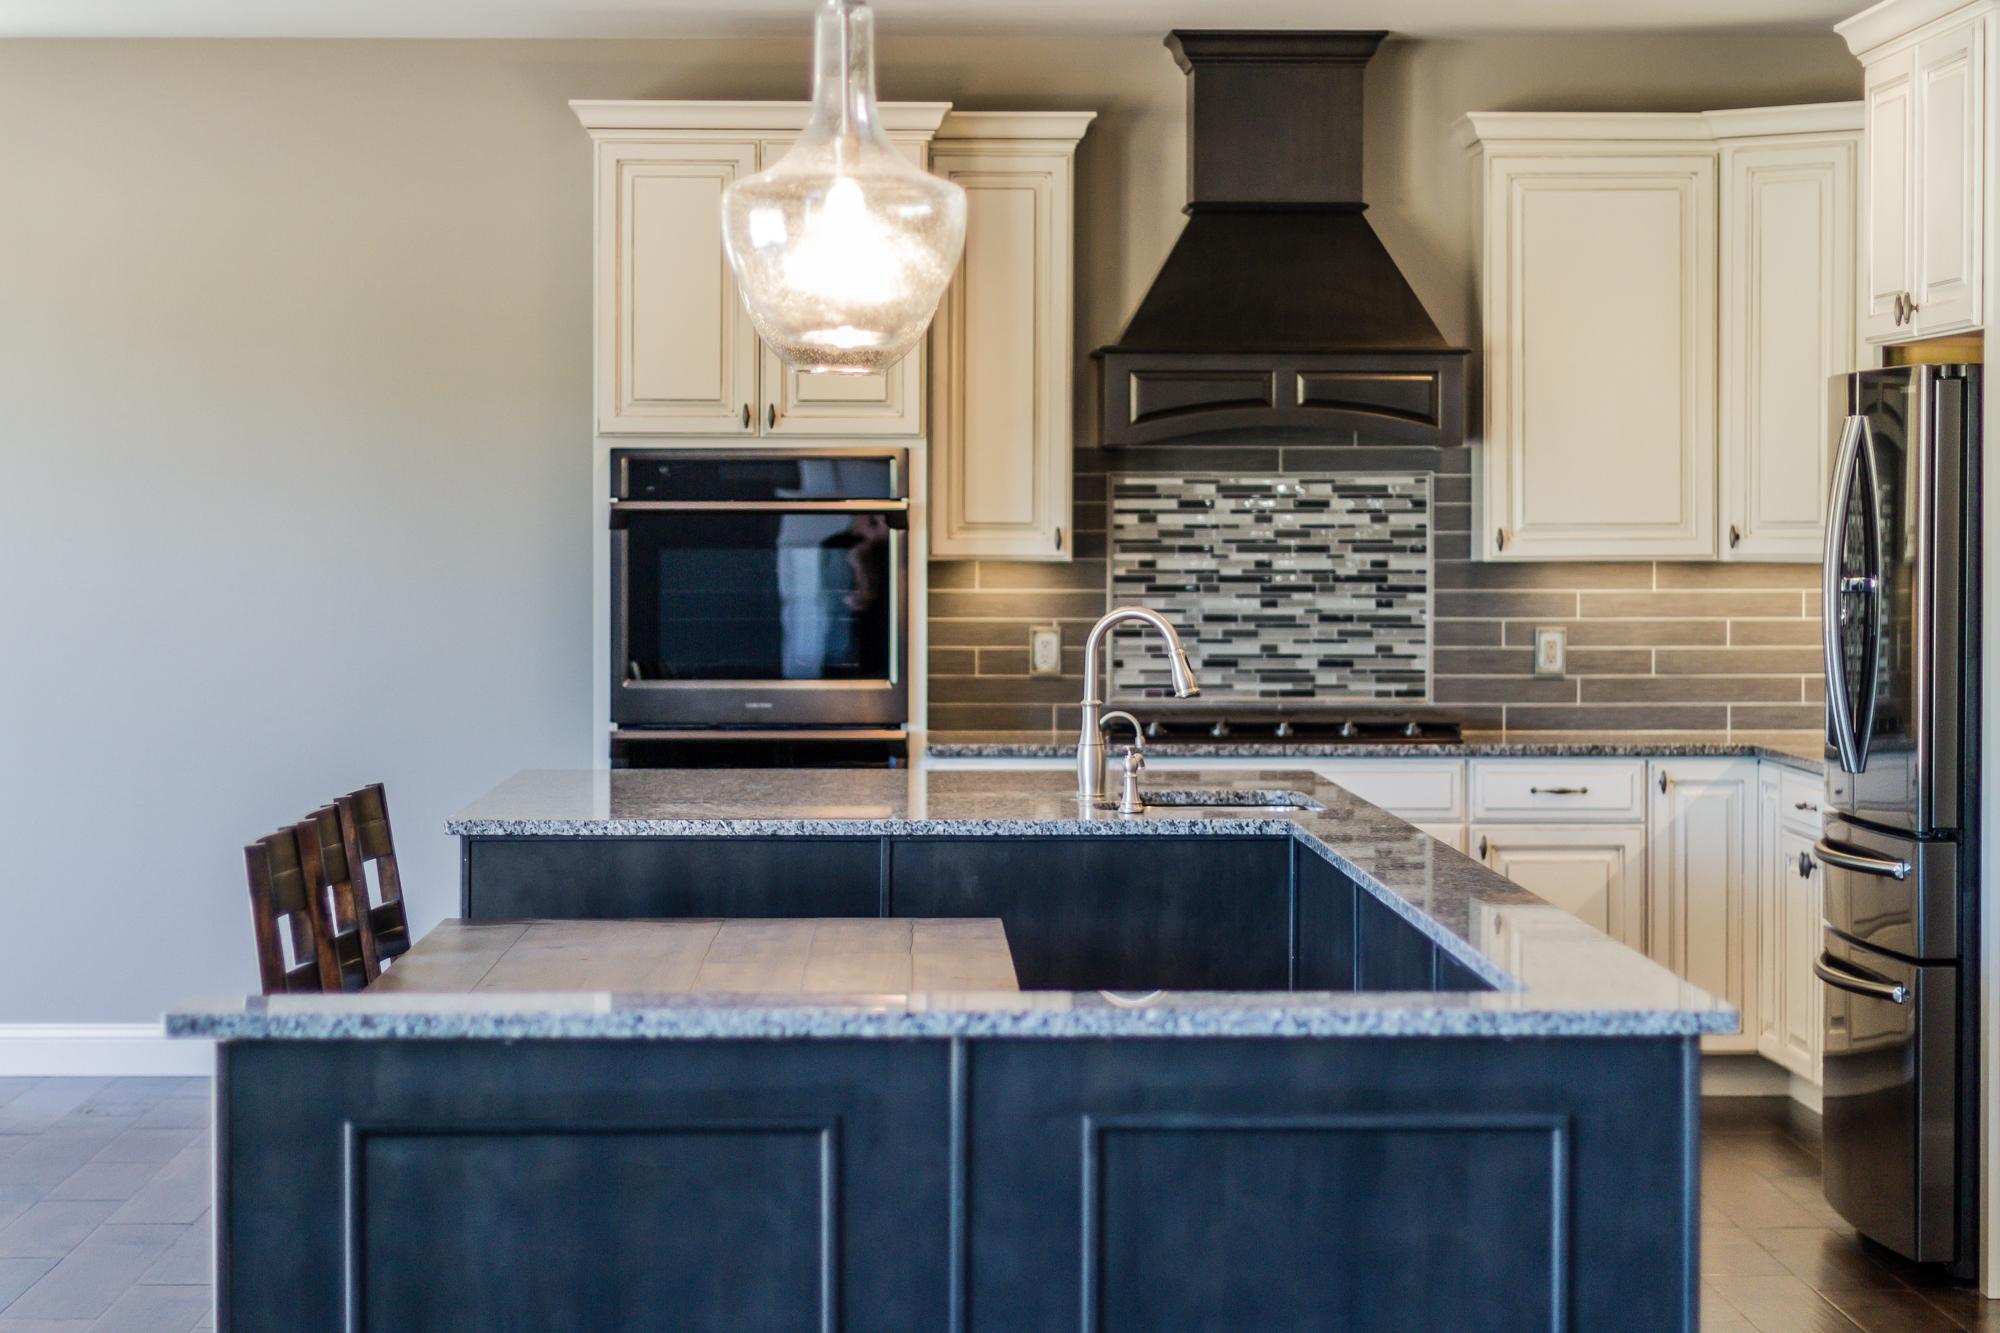 New-Construction-For-Sale-O'Fallon-Illinois-CR-Holland-0-57.jpg